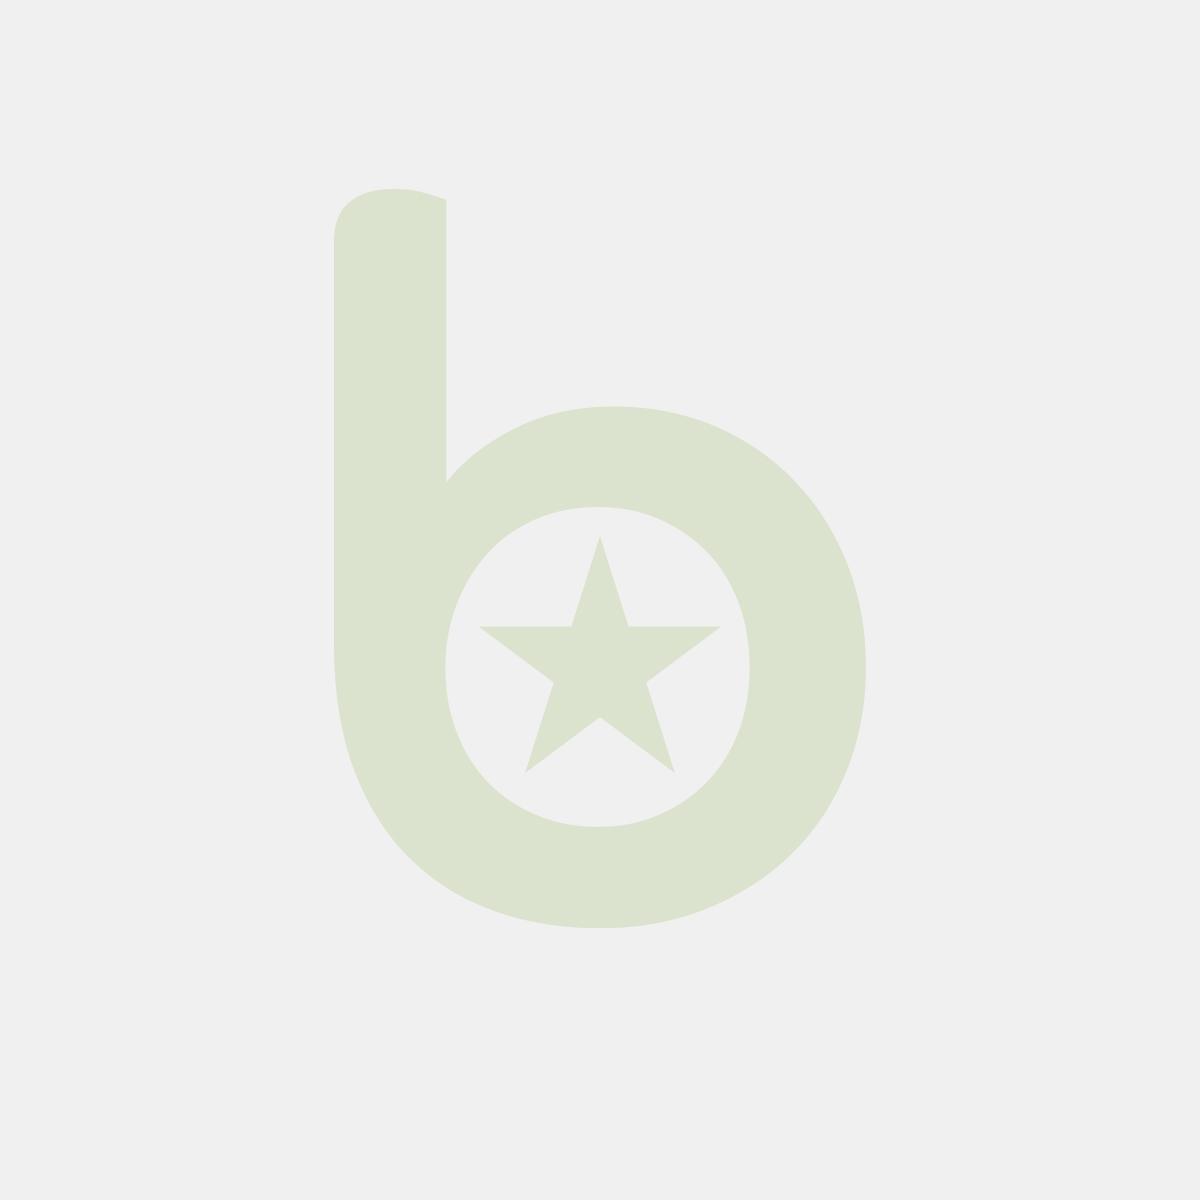 FINGERFOOD - miseczka PS do przekąsek 4x7x7cm, transparentna op. 25 sztuk